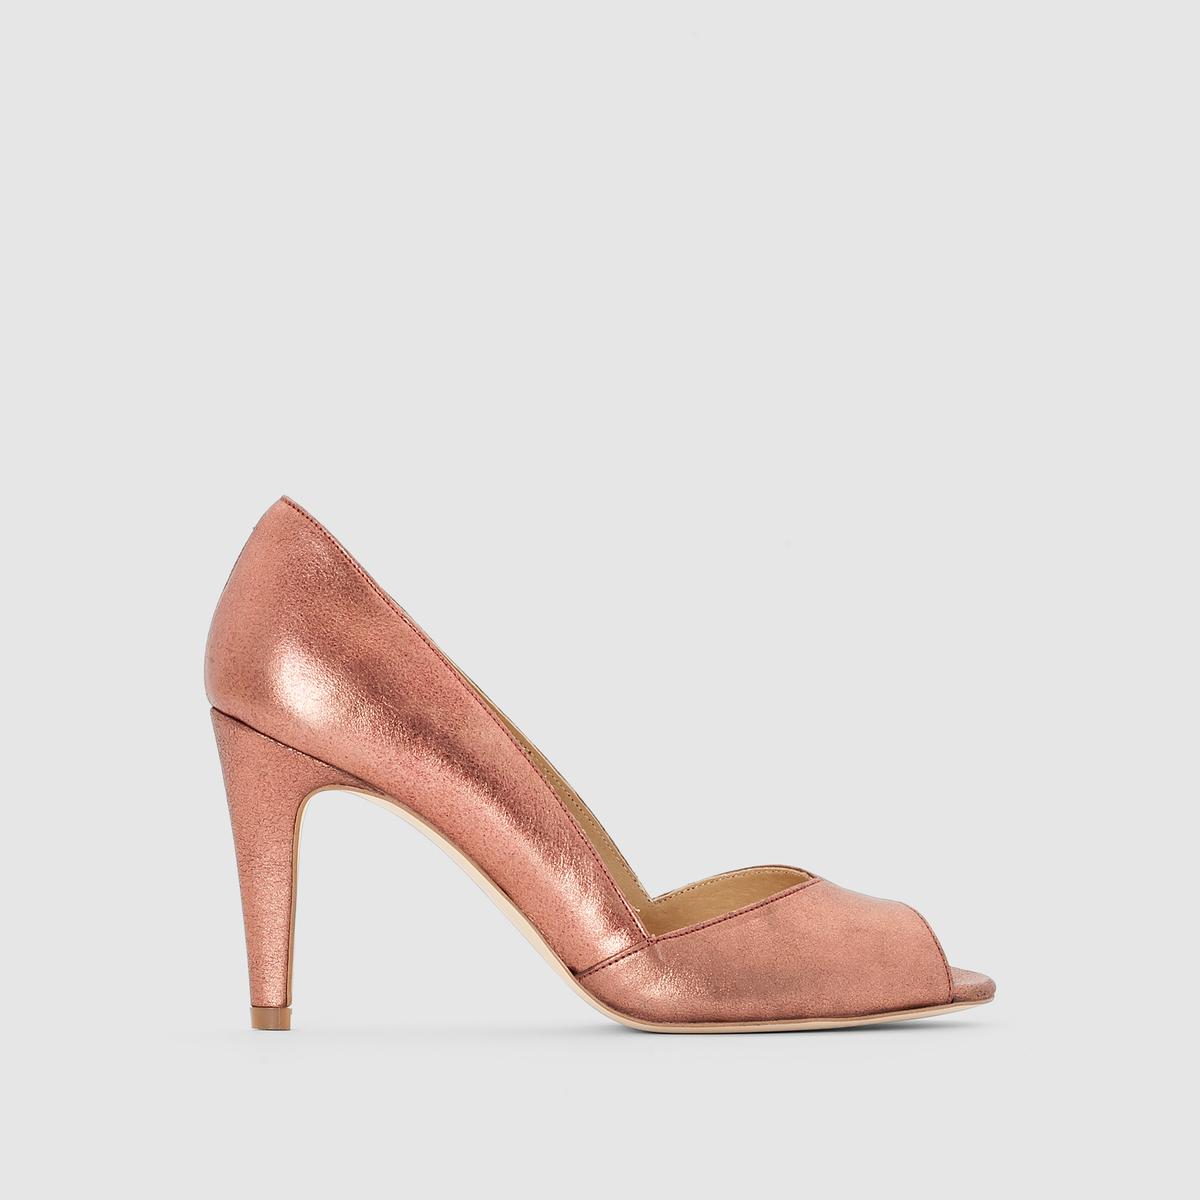 Туфли на каблукеПреимущества  : туфли JONAK пленяют аутентичным внешним видом ламинированной кожи, формой с тонким каблуком и непреодолимым духом нео-ретро.<br><br>Цвет: розовый<br>Размер: 41